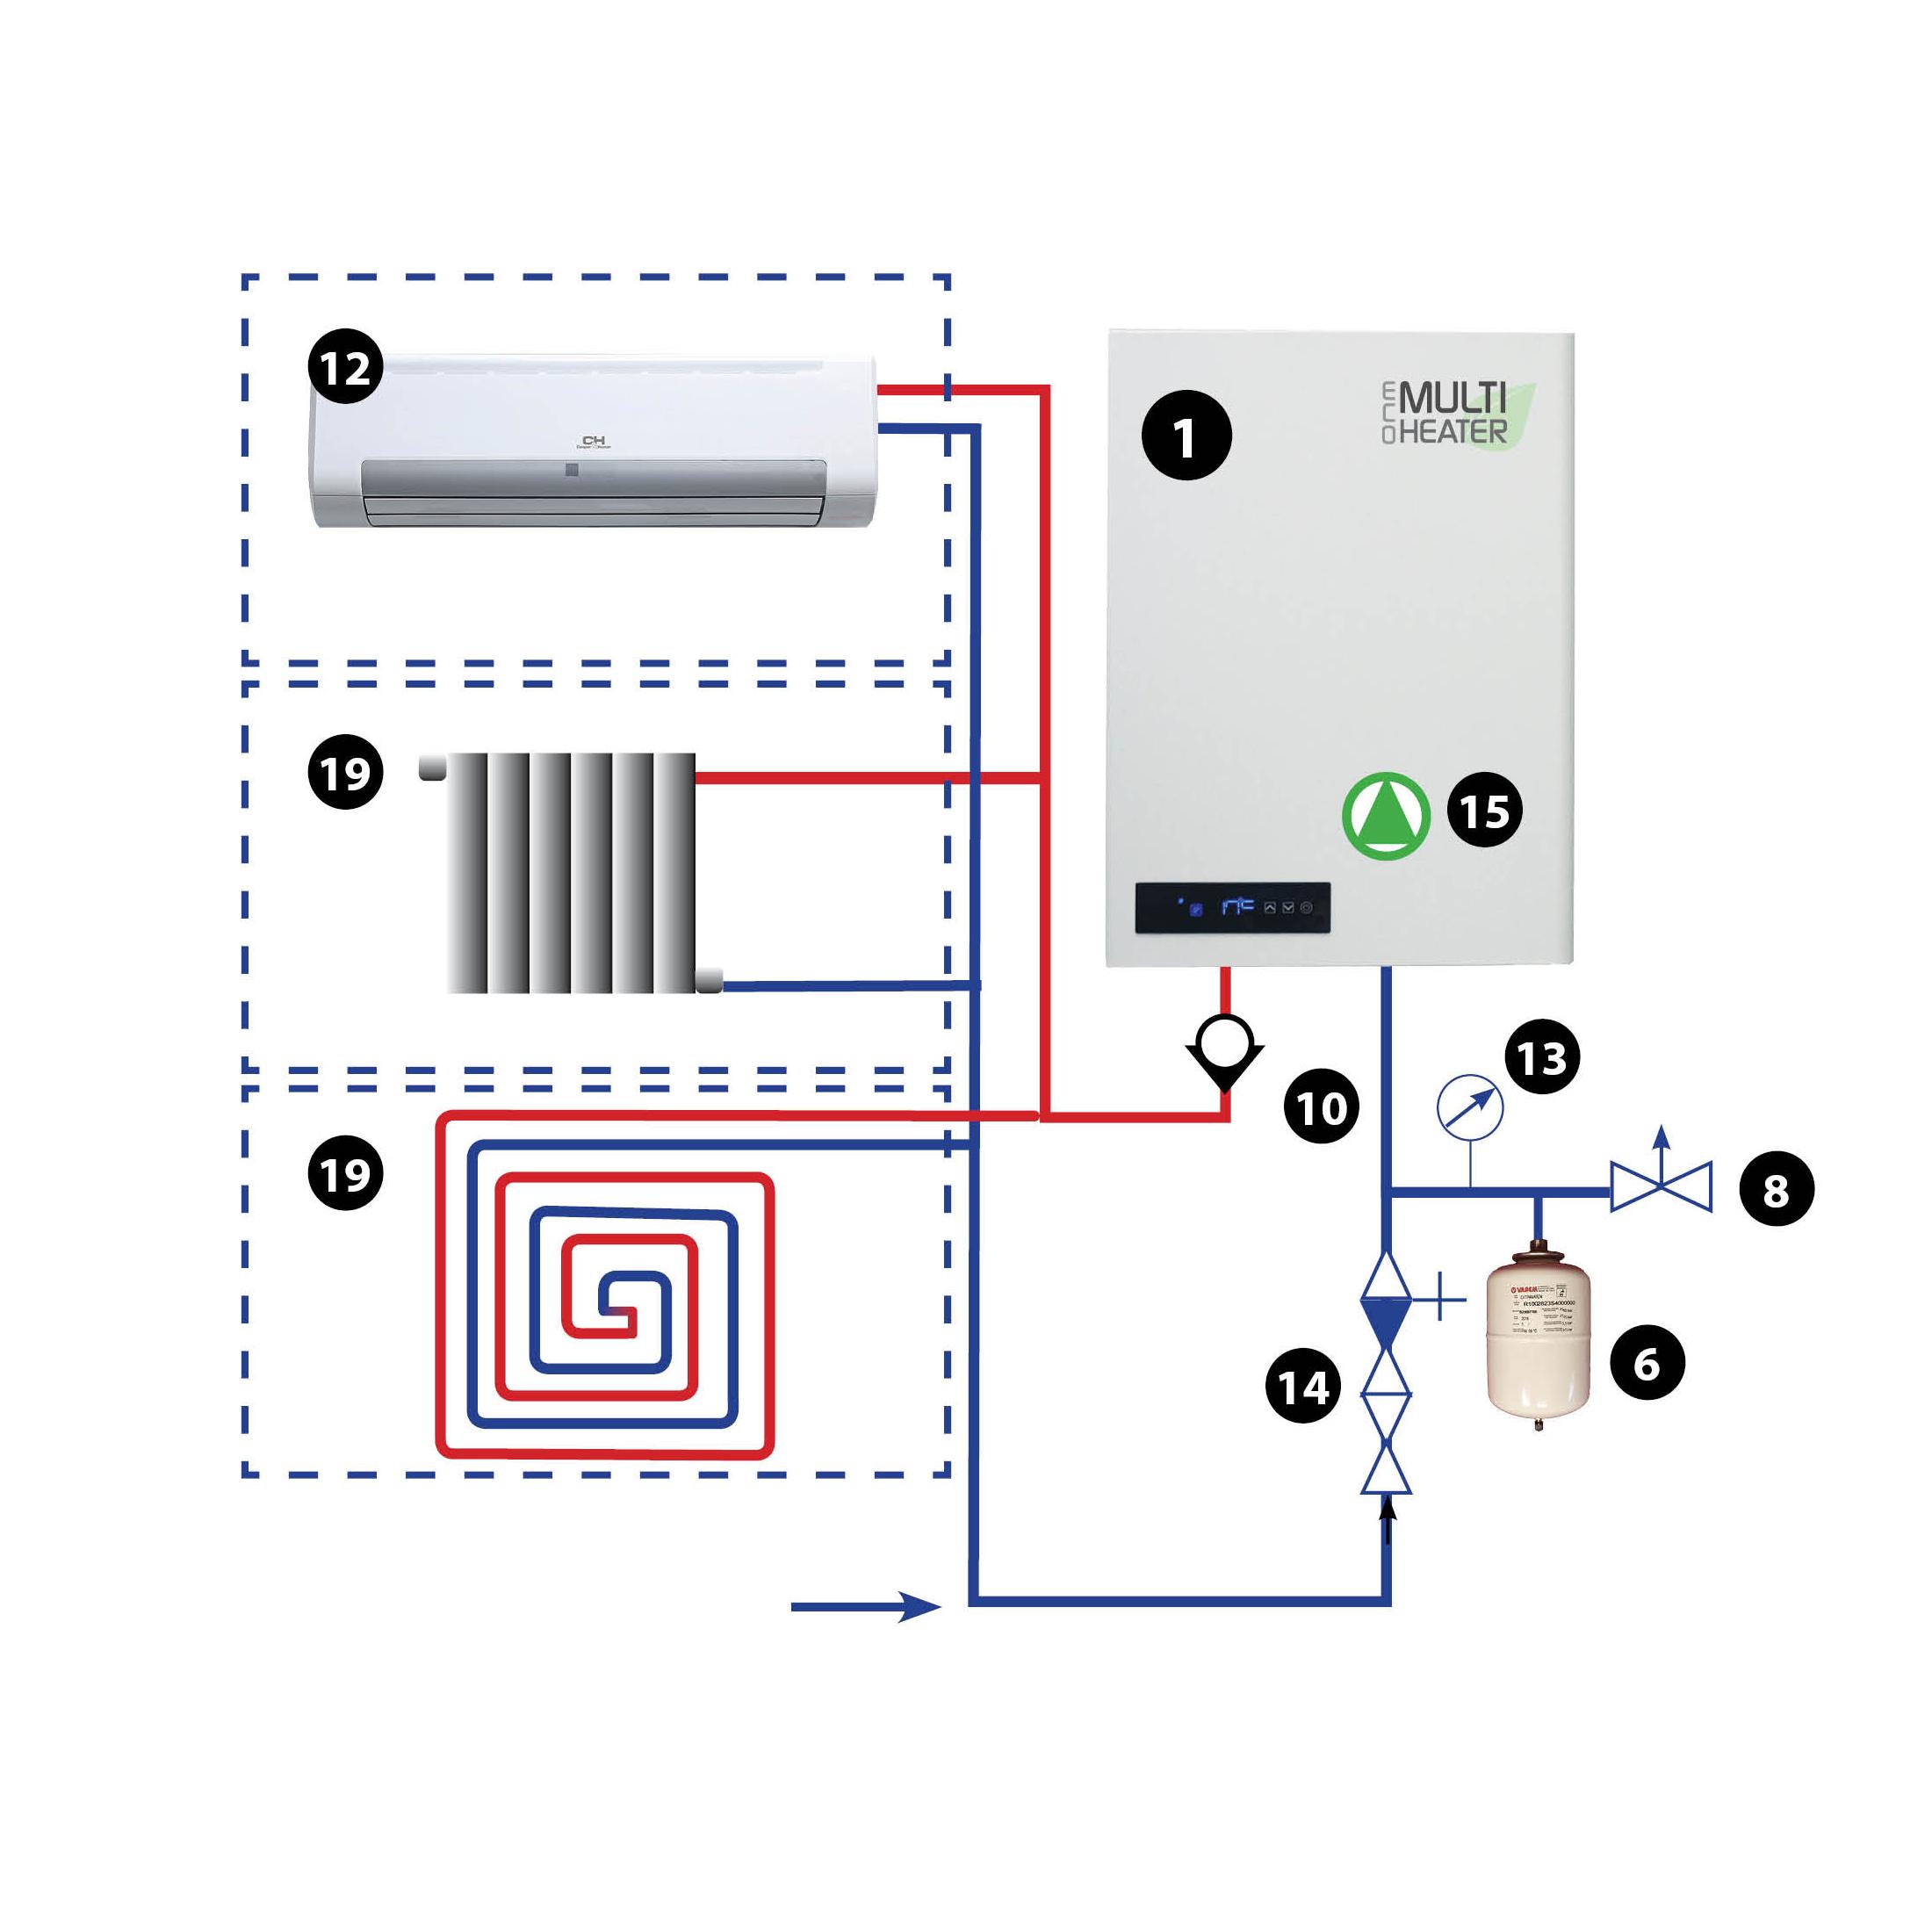 Multiheater Eco poistoilmalämpöpumppu on lisäapu lämmitykseen Multiheater poistoilmalämpöpumppu ottaa tilassa olevan energian talteen ja tuo säästöä koko ajan. Se voi tuottaa vuodessa yhtä suuren lämpömäärän, joka vastaa normaalin pienen talon koko vuoden lämmitystarvetta.